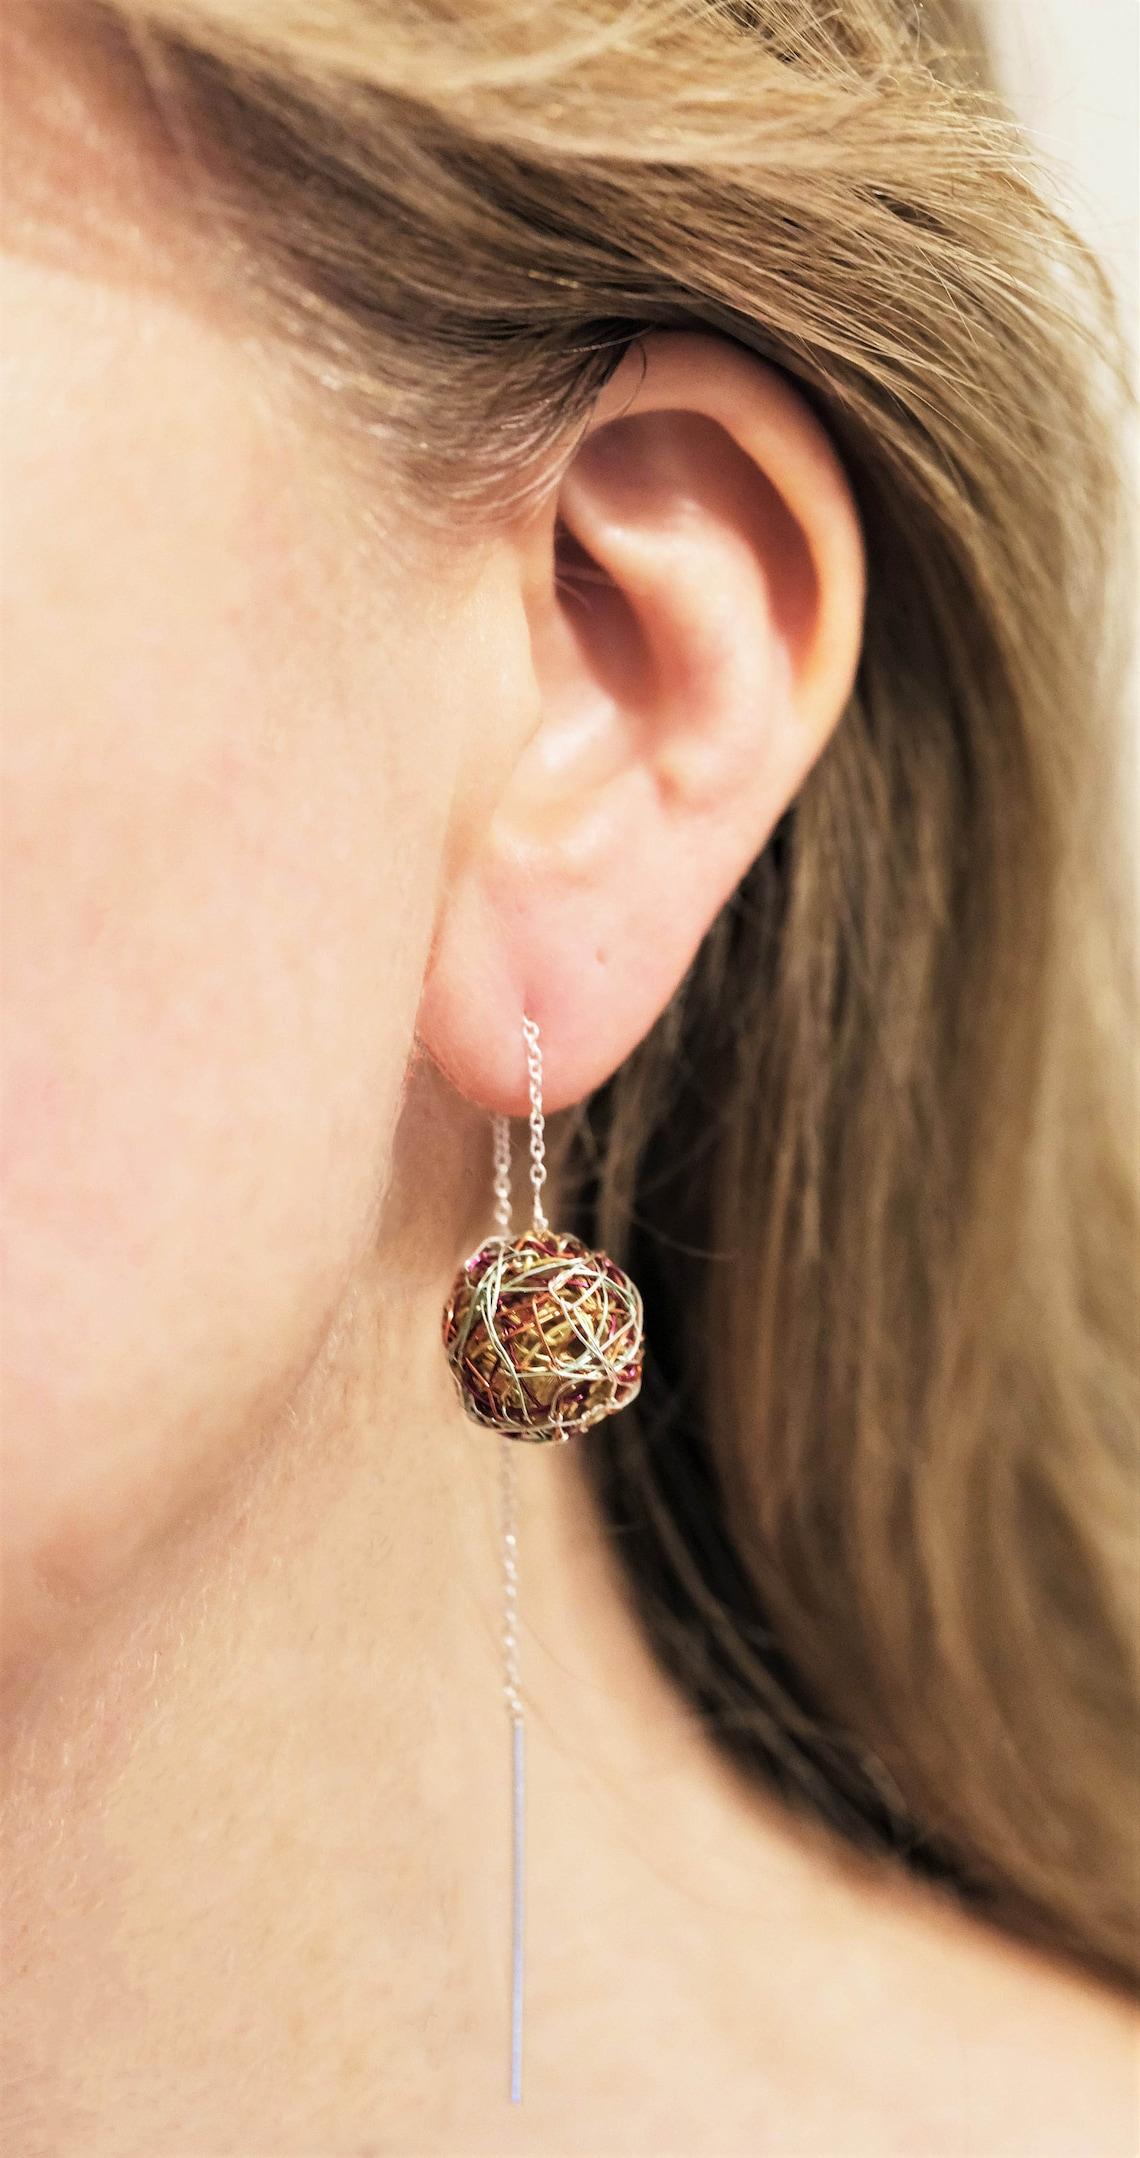 Ball drop earrings, Sphere wire earrings